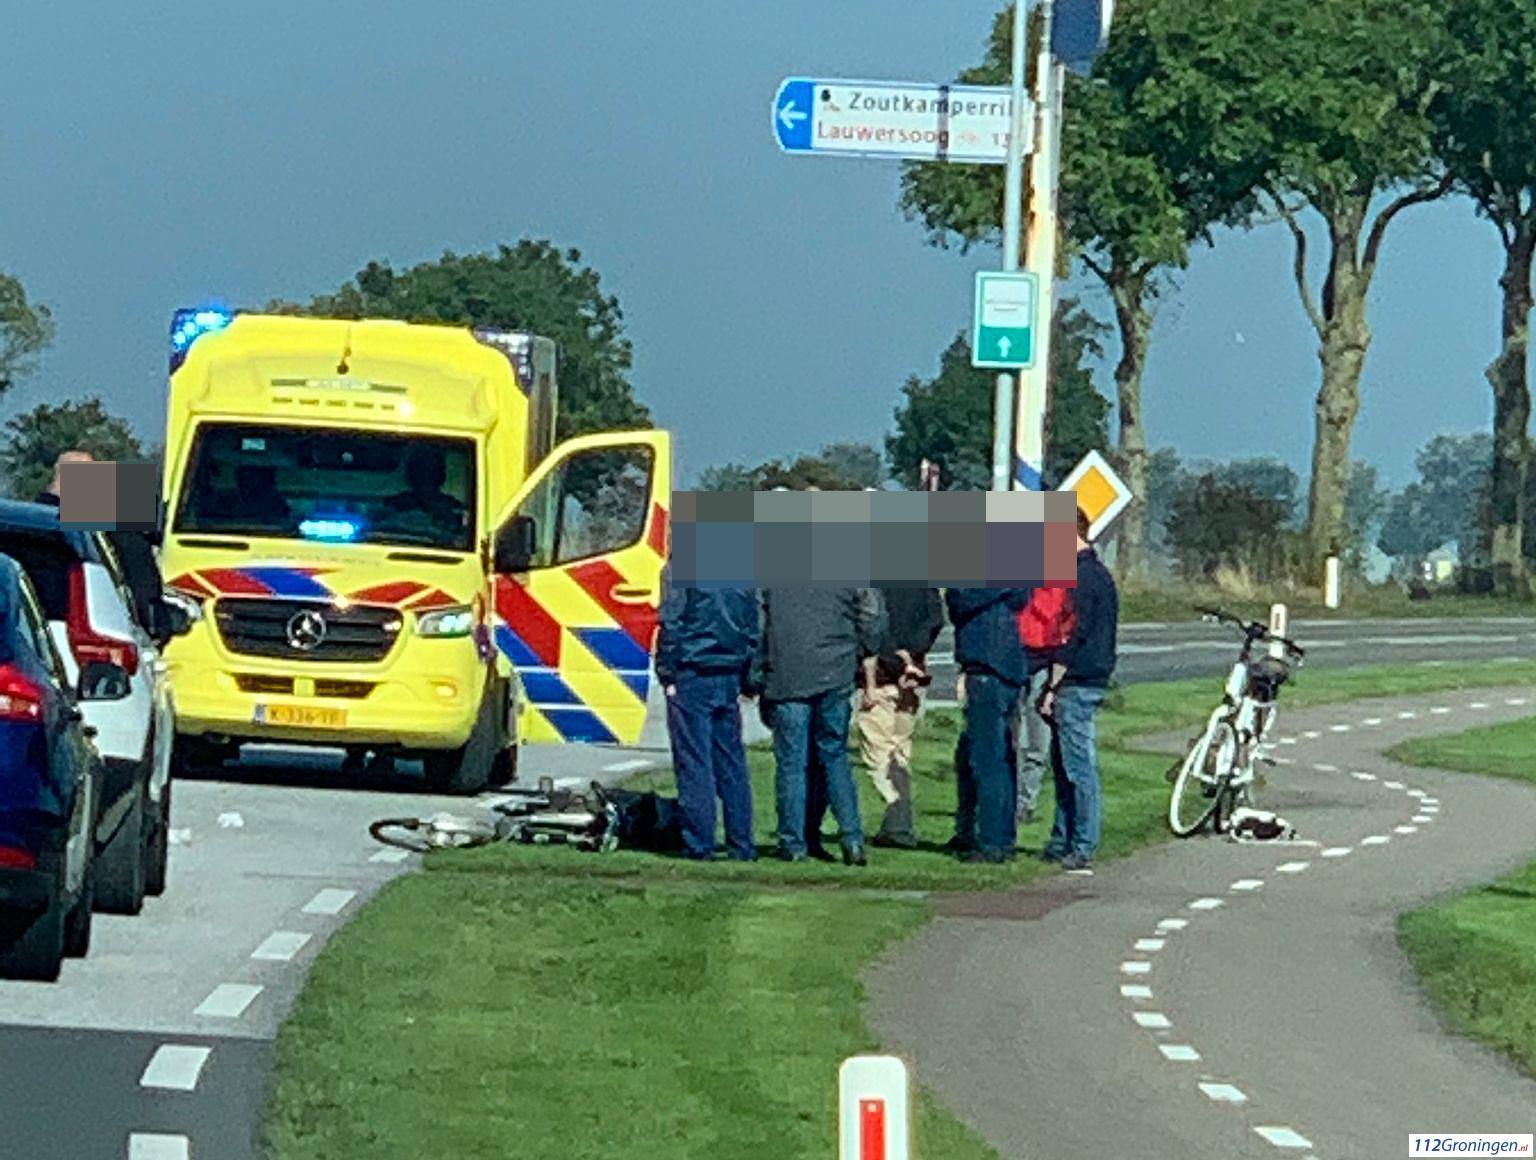 Zoutkamp: Fietser aangereden door automobilist.